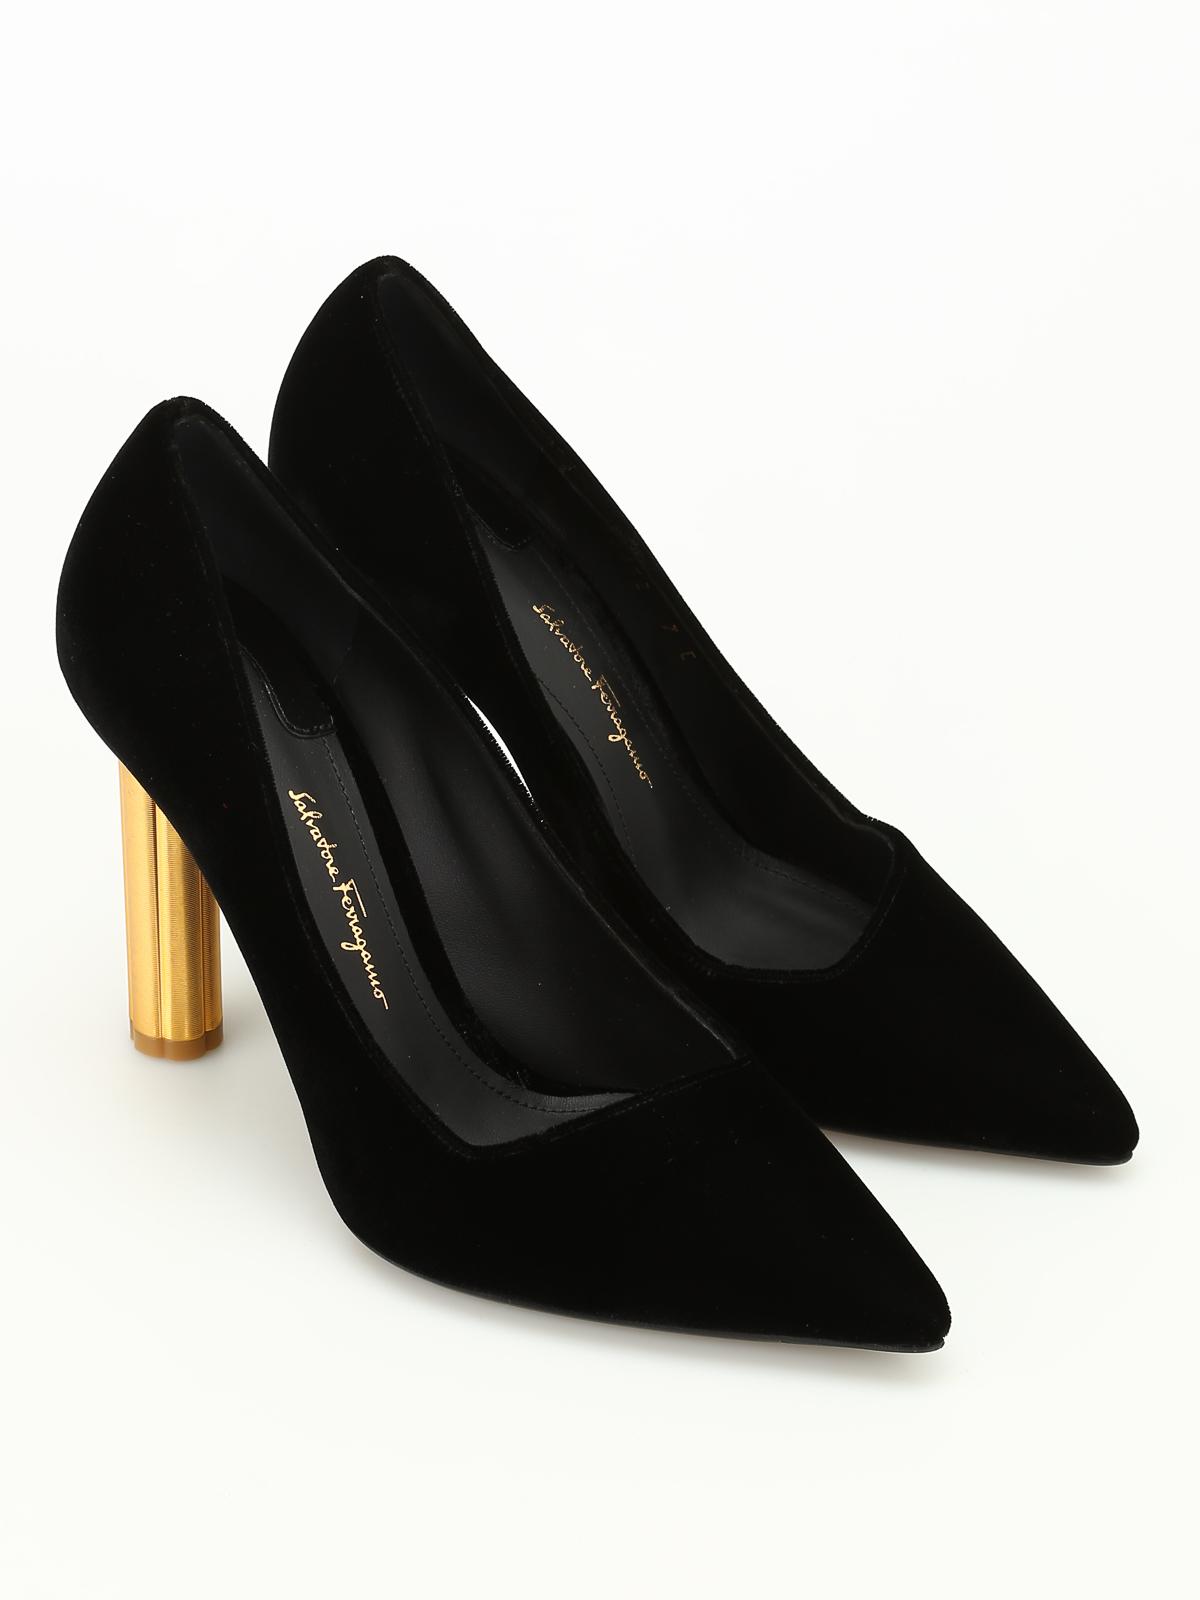 Salvatore Ferragamo Gold heel pumps fKbg0Fa